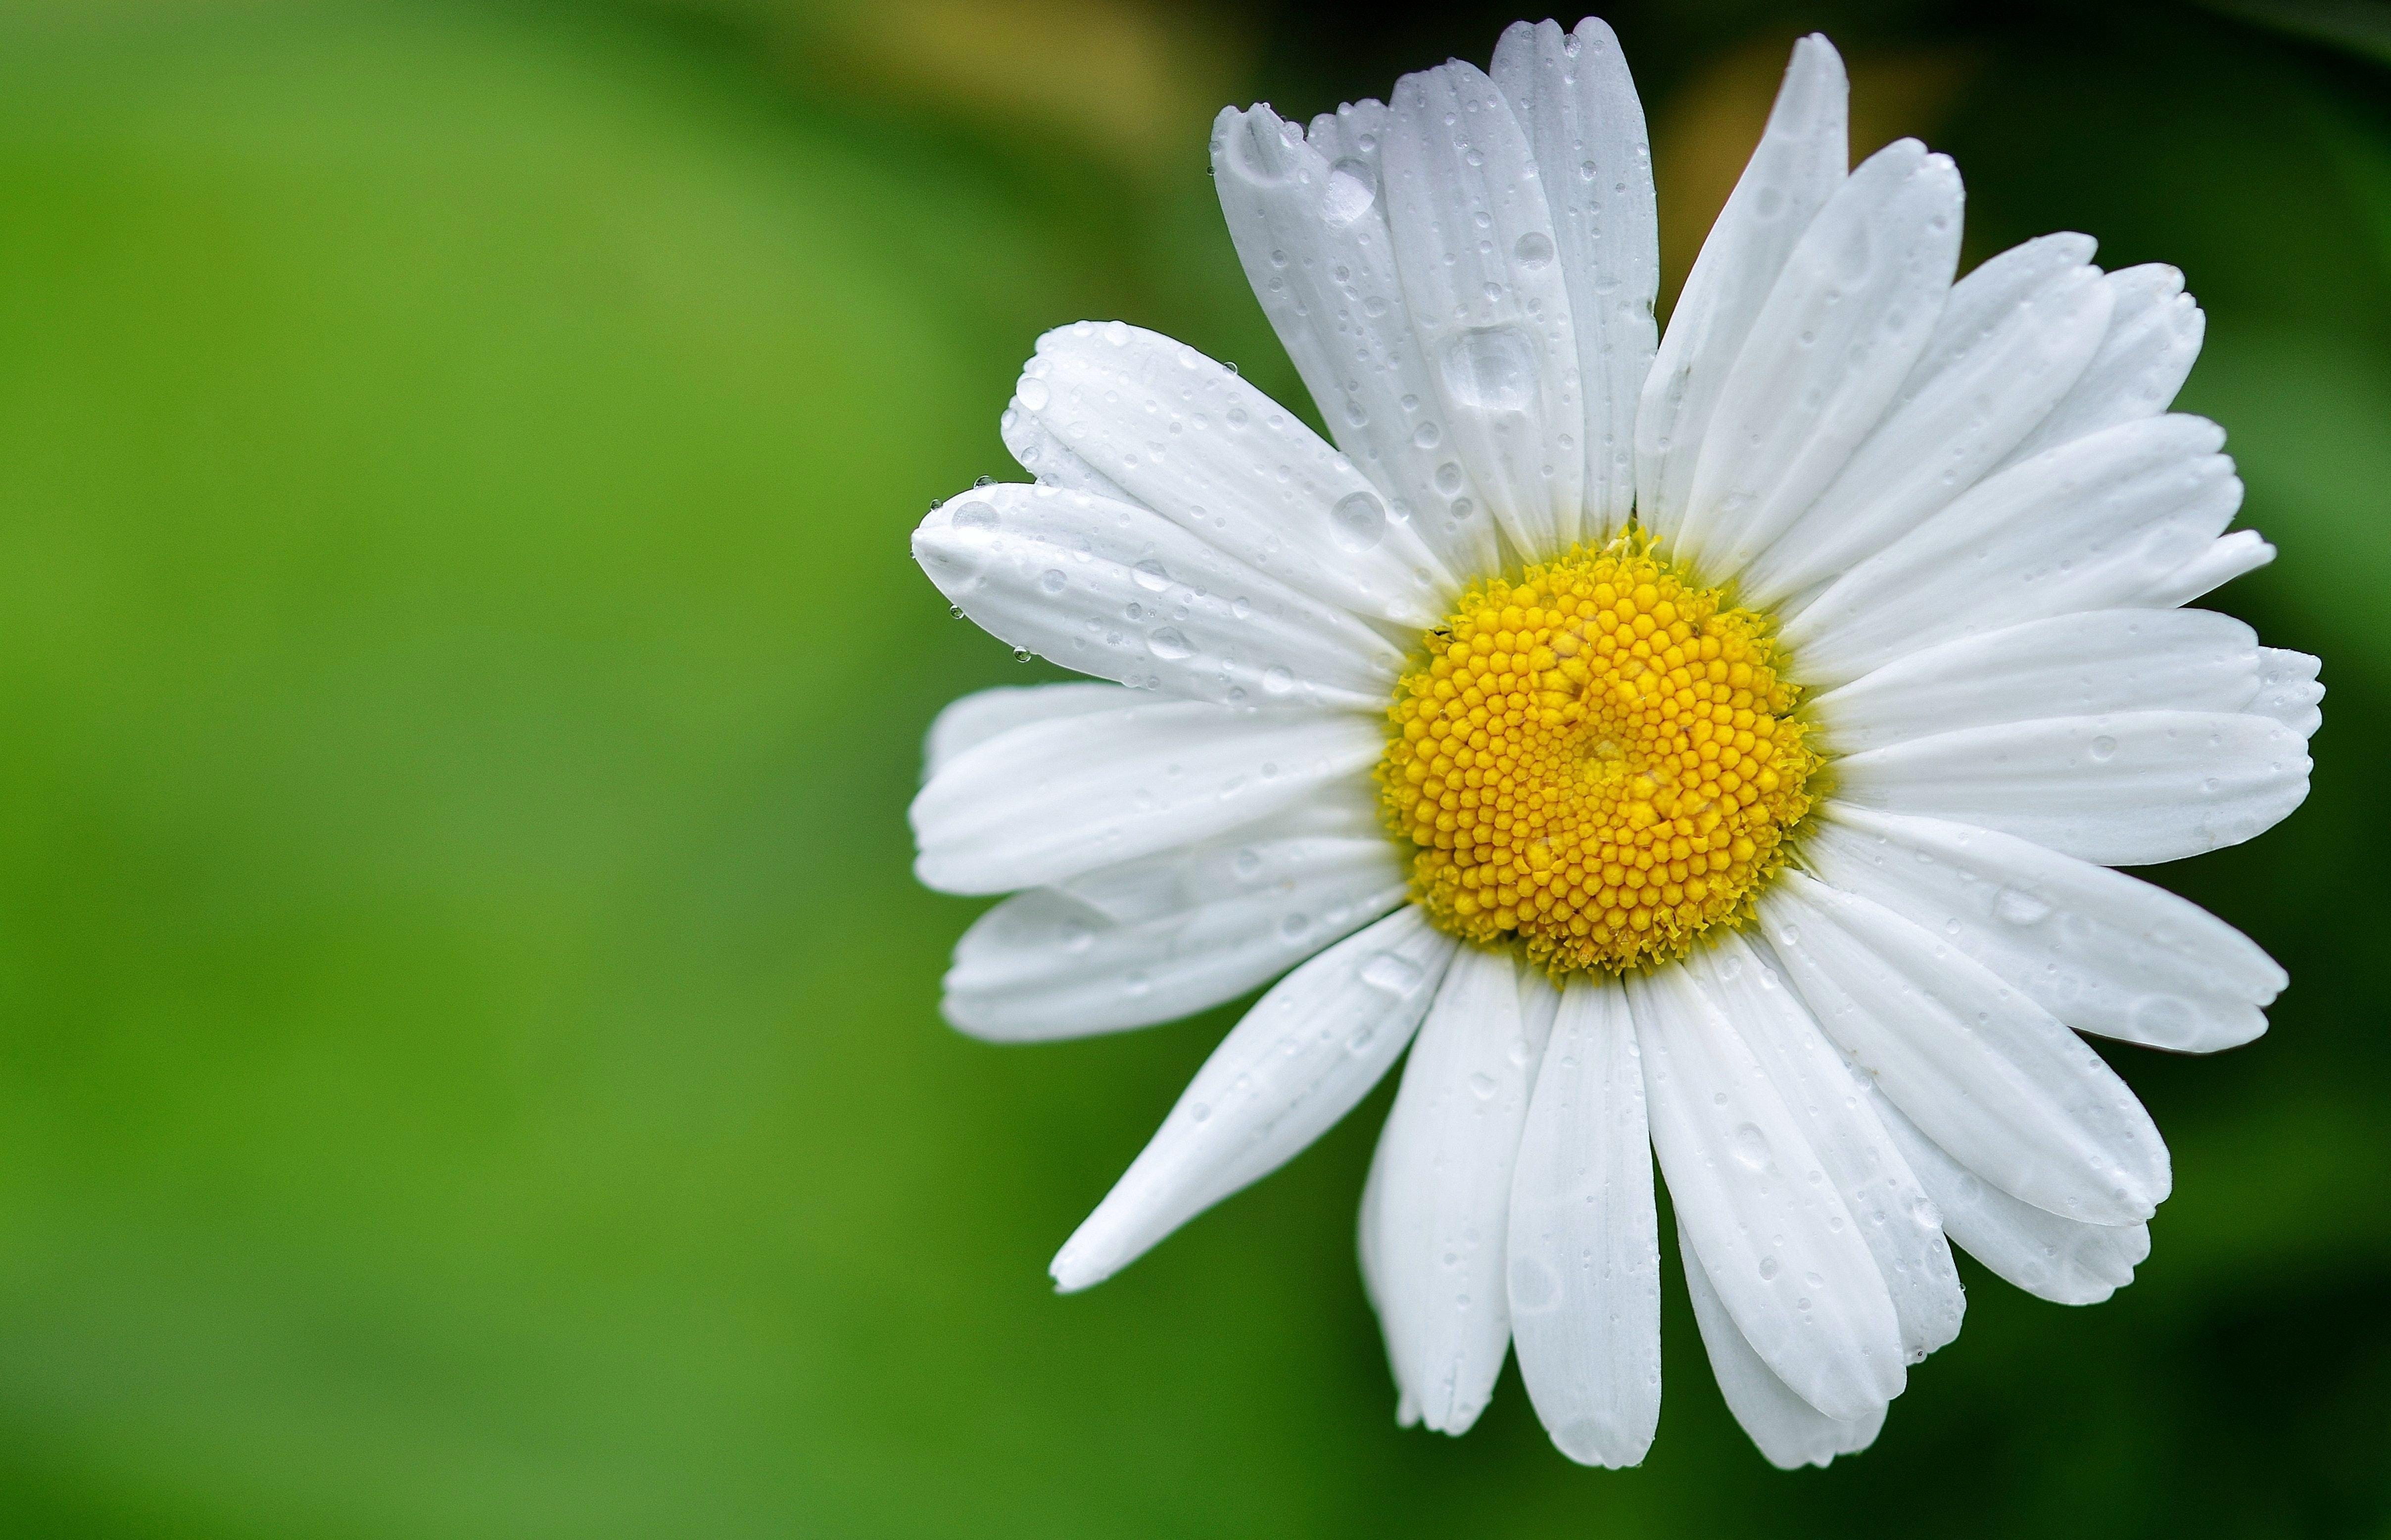 White Daisy, Bloom, Blossom, Daisy, Flora, HQ Photo